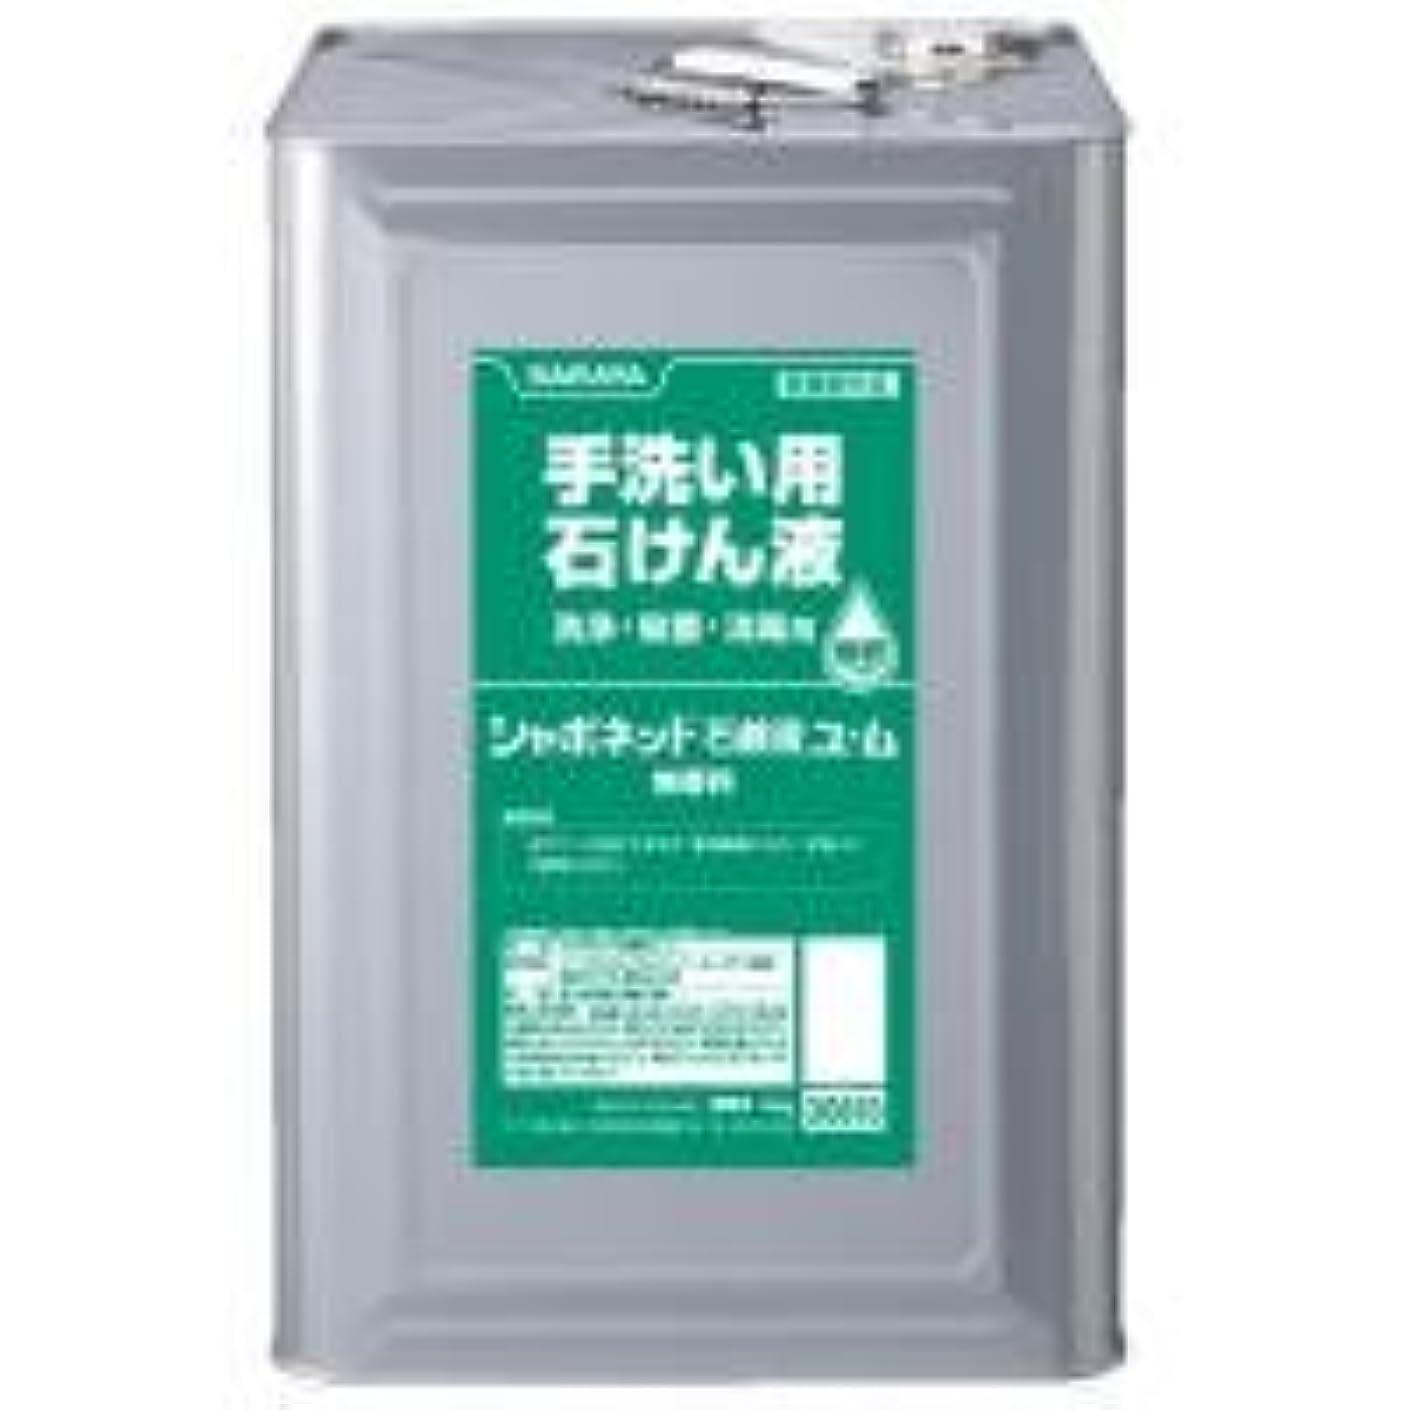 アンペアアンペア心のこもったサラヤ シャボネット 石鹸液ユ?ム 18kg×1缶